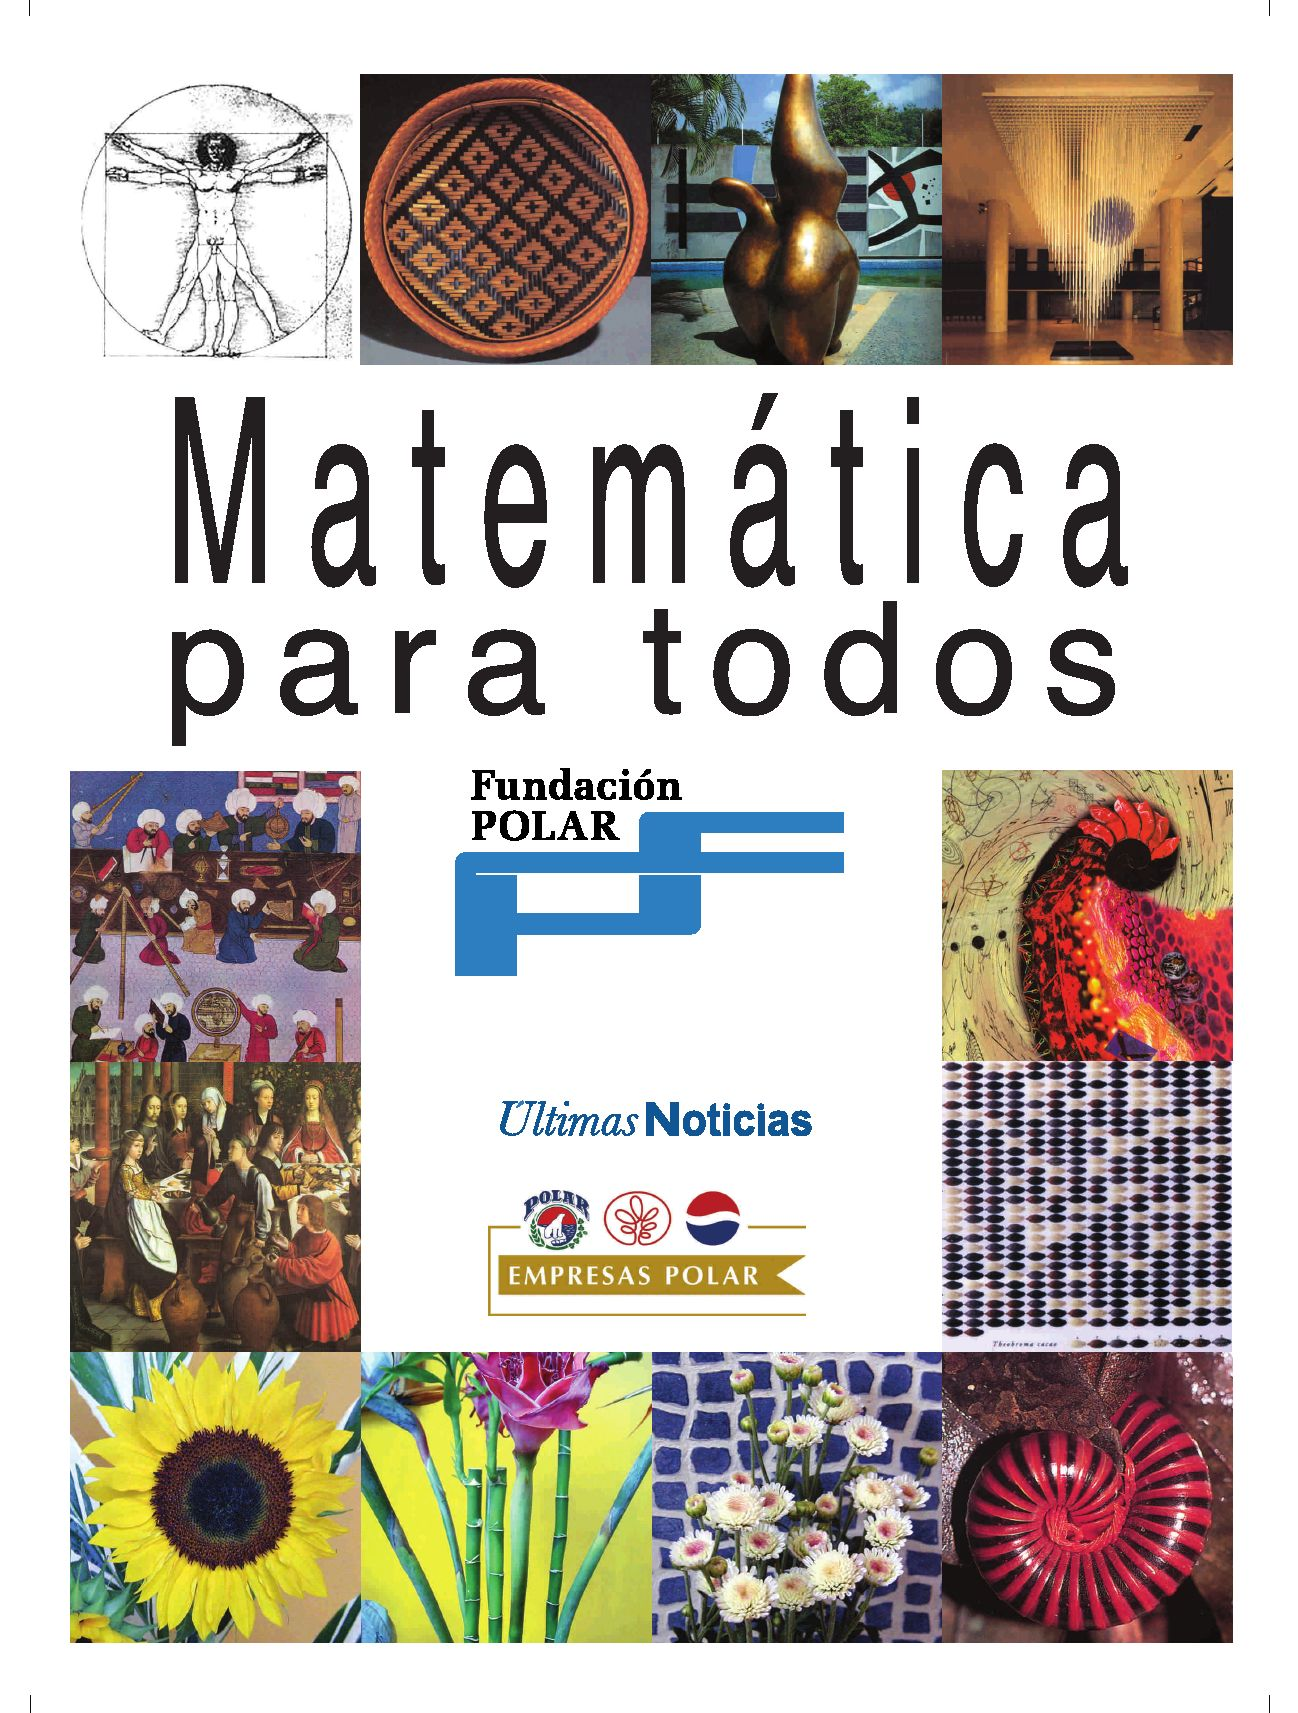 Matemáticas para todos by esperanza gesteira - issuu 69c602f80cc95